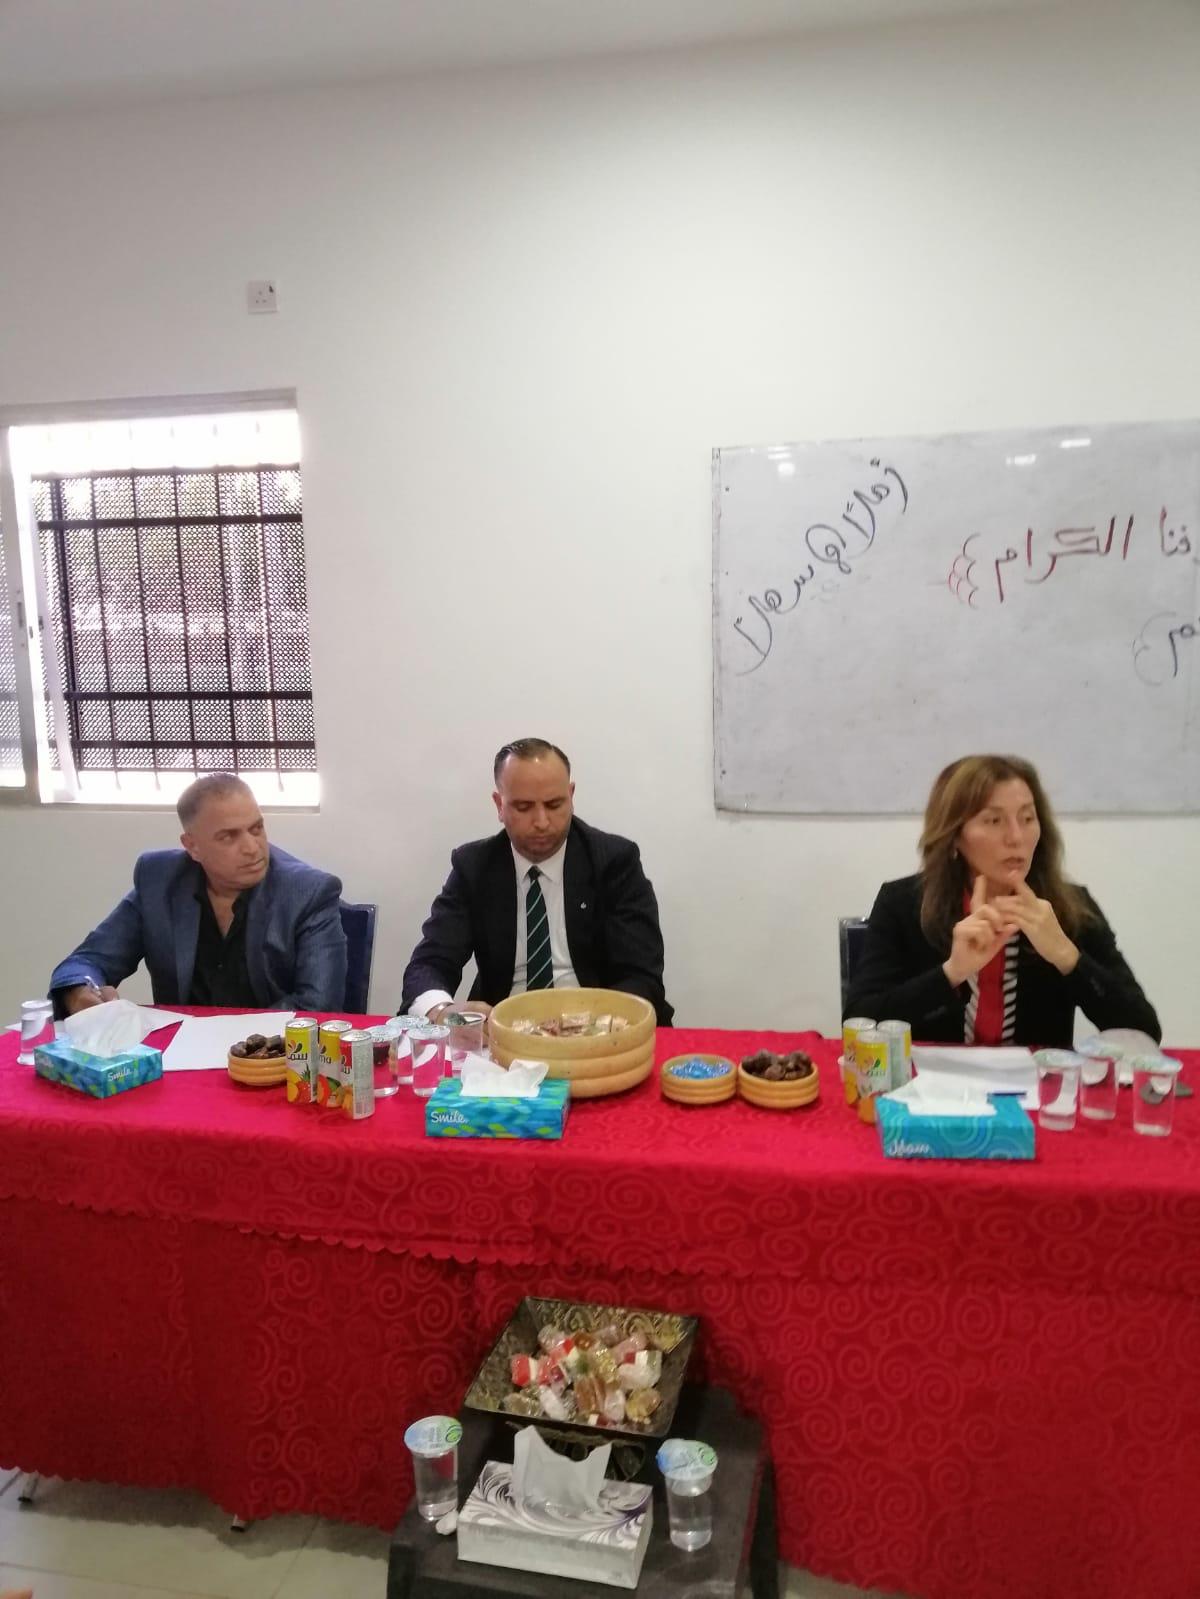 الشورى ينظم لقاء مع لجنتي المرأة والشباب في اللجنة الملكية